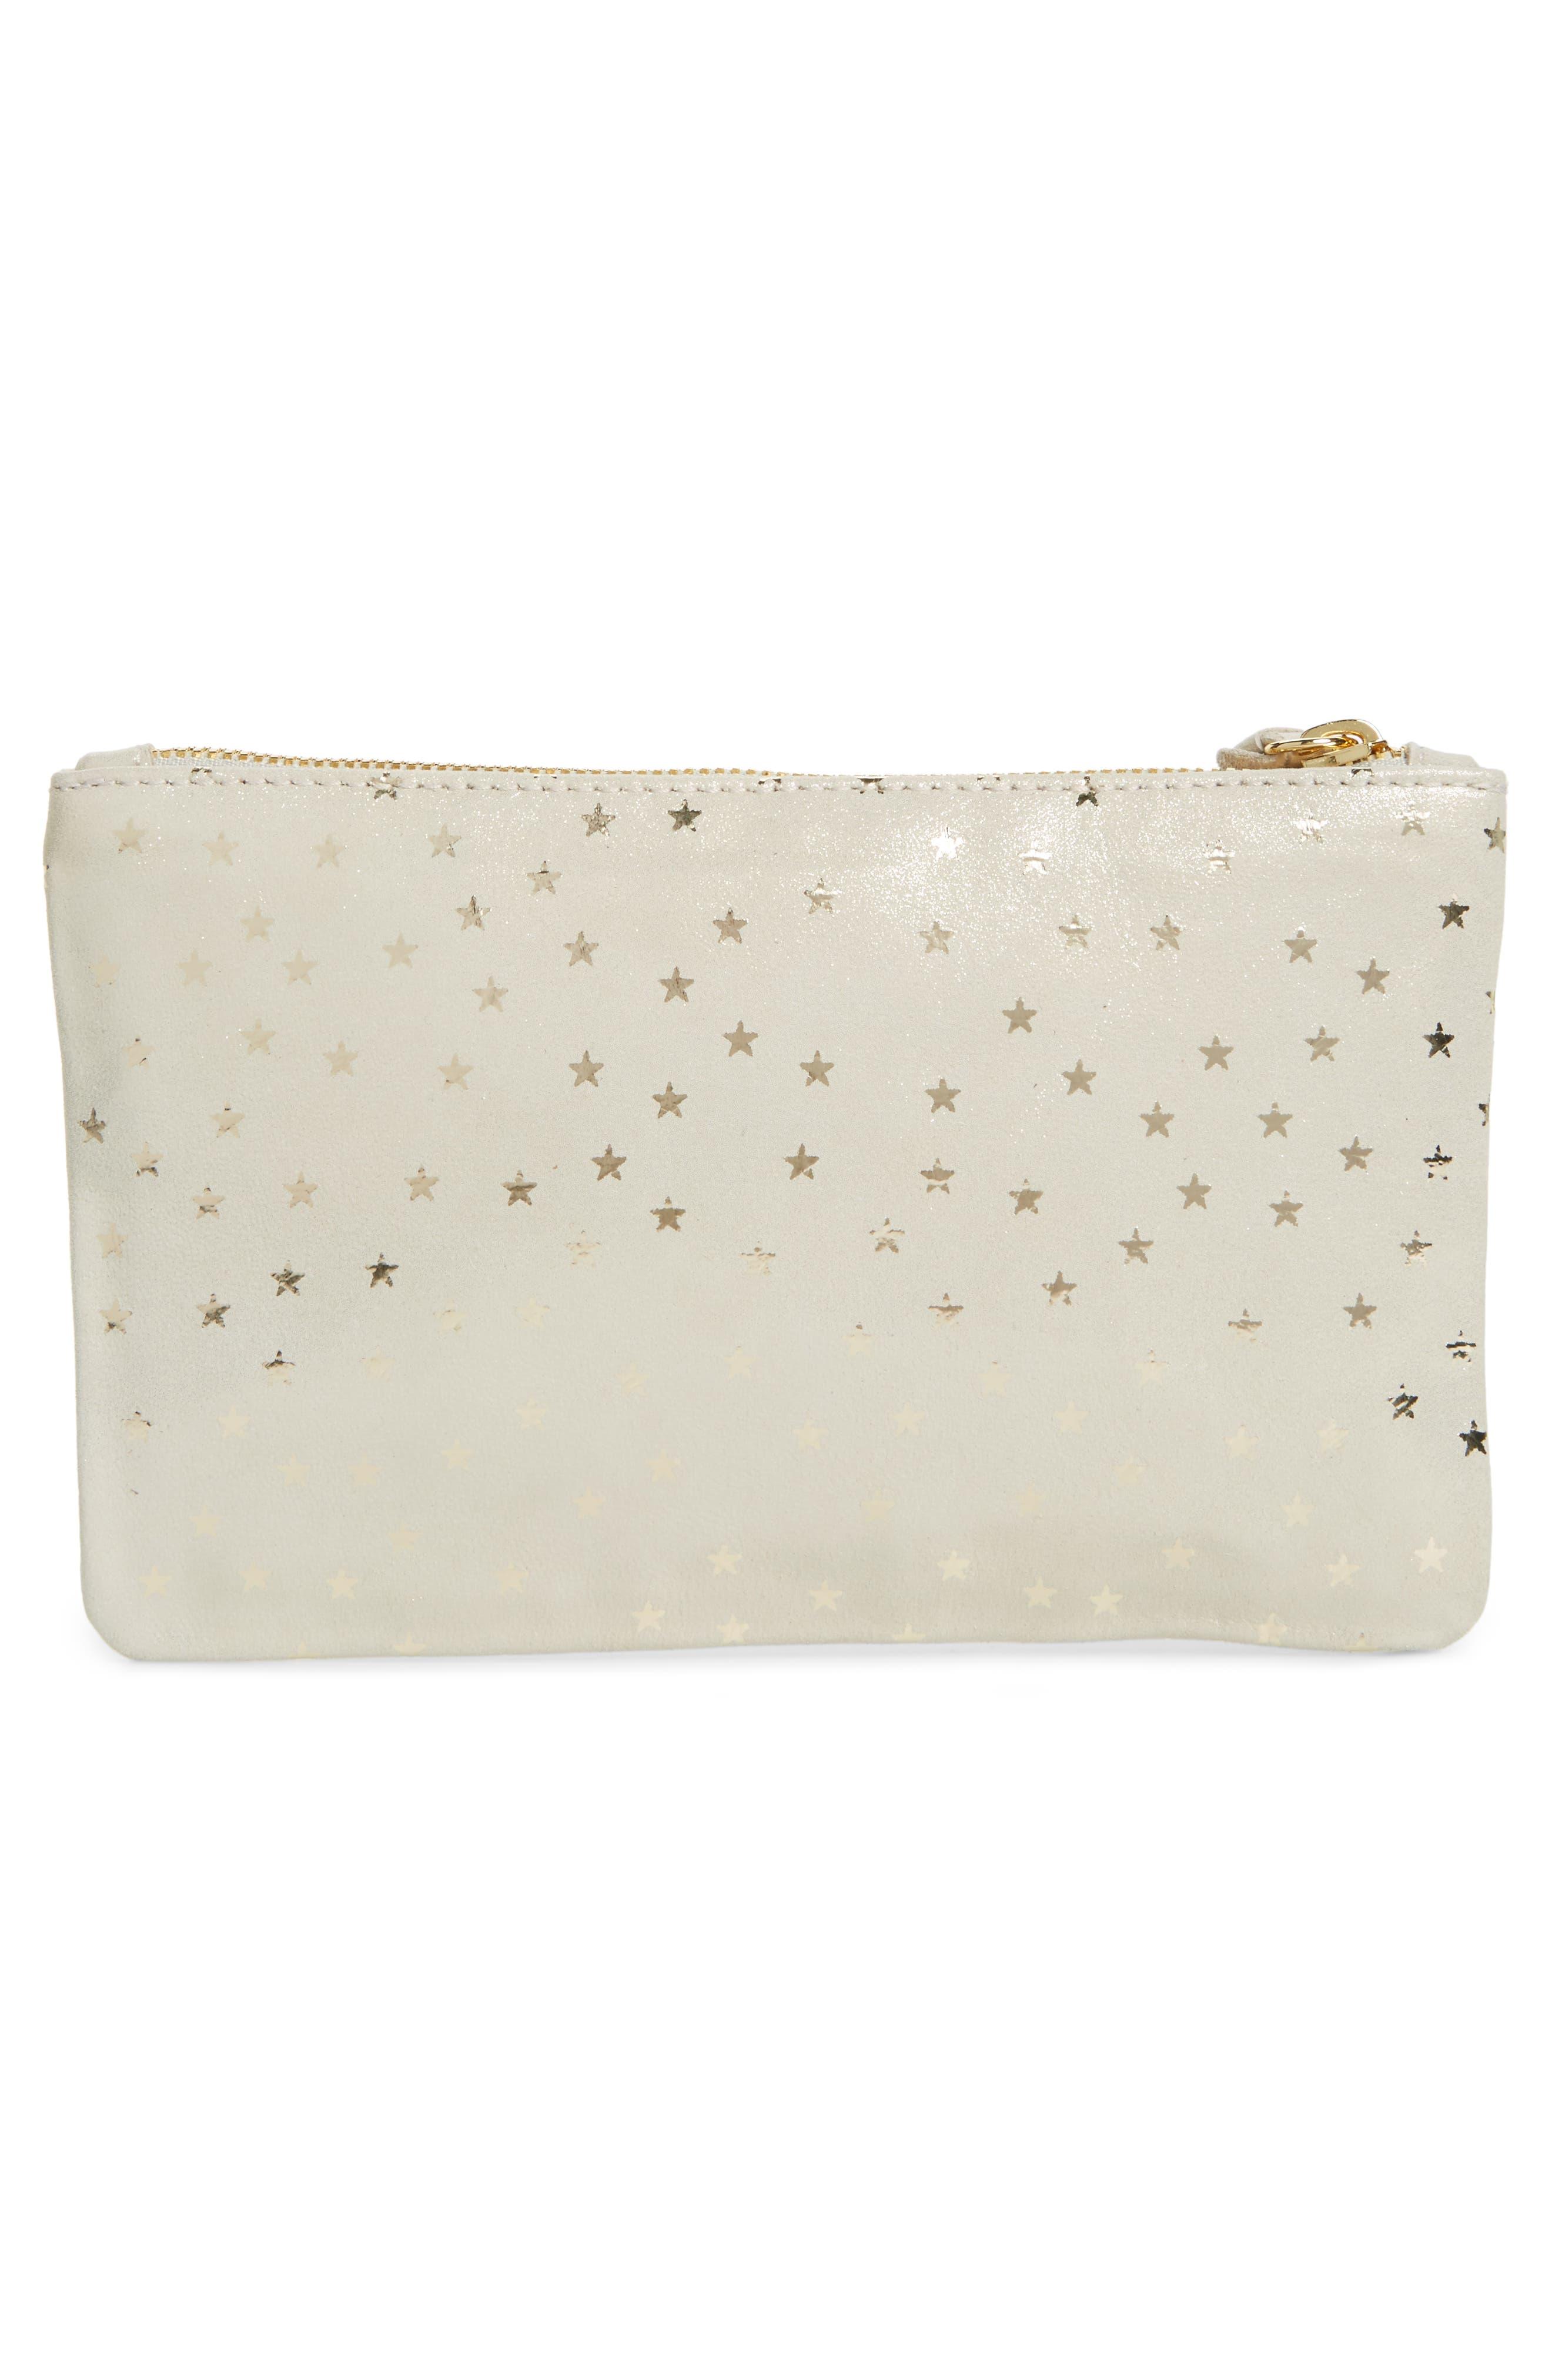 Alternate Image 3  - Clare V. Supreme Star Shimmer Suede Wallet Clutch